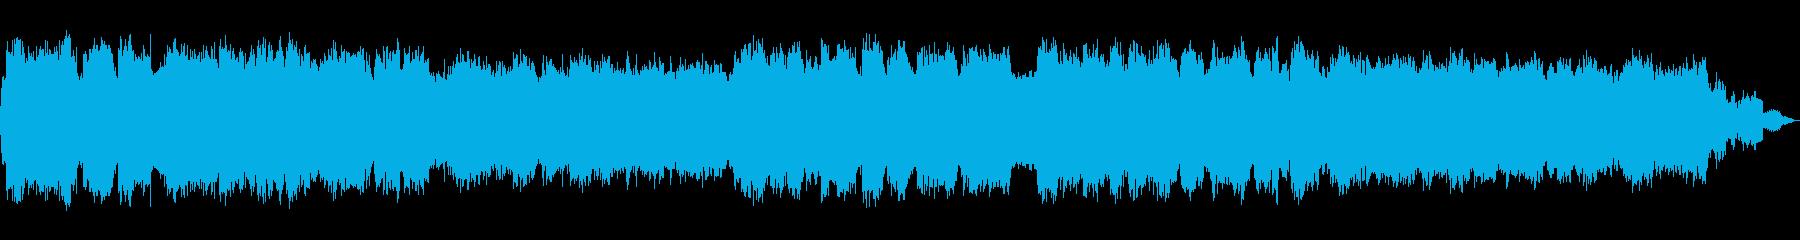 ぼんやりとした幻想的な笛のヒーリング音楽の再生済みの波形